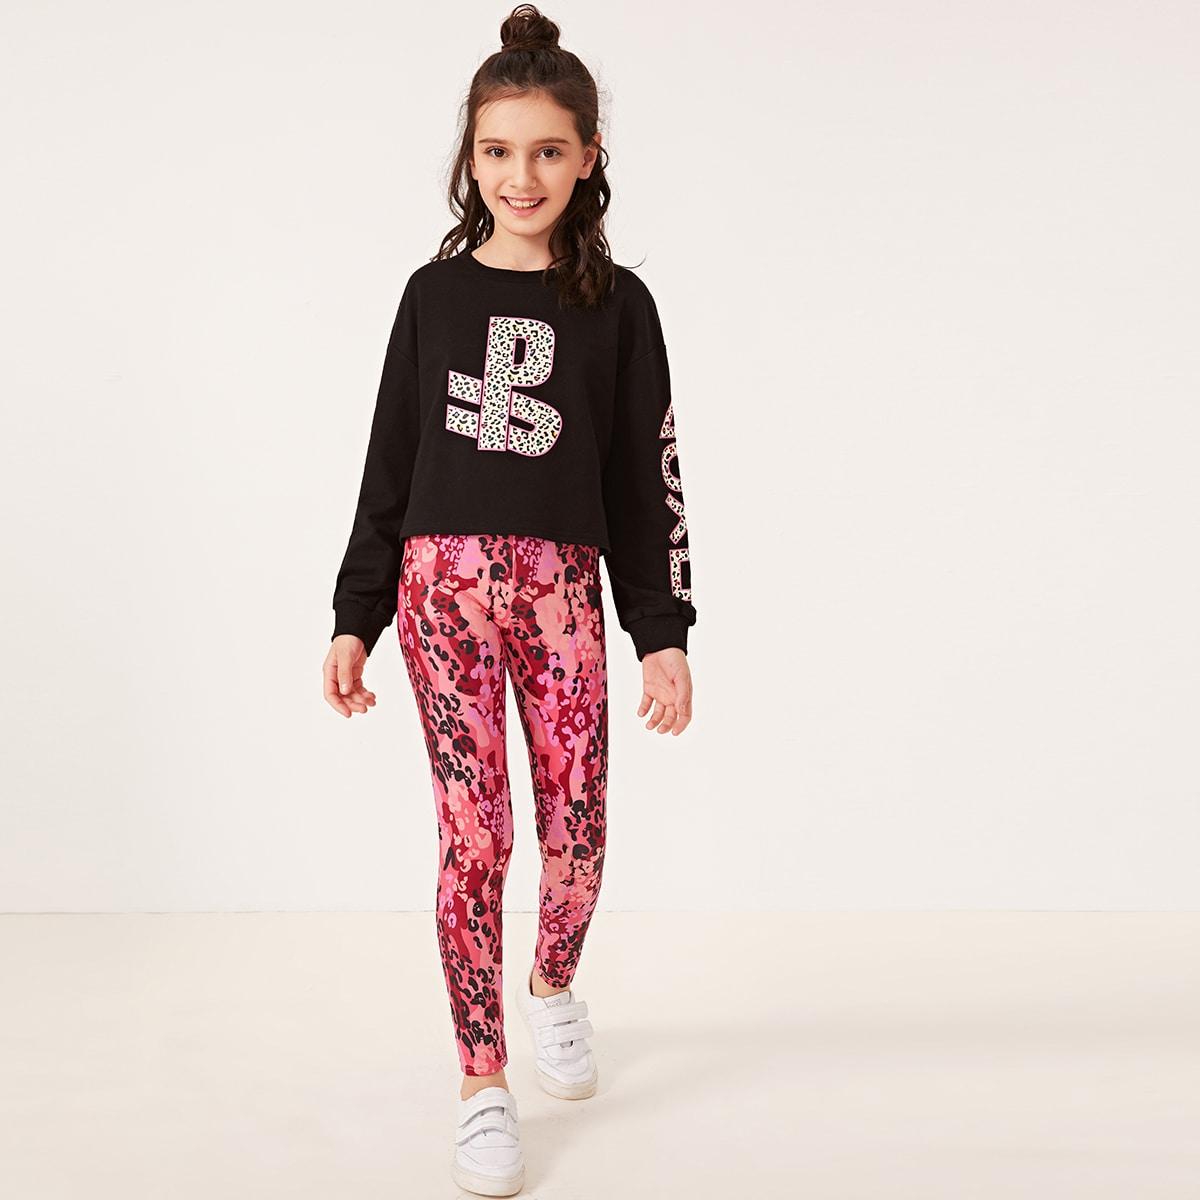 SHEIN / Mädchen Pullover mit Buchstaben Grafik und Leggings Set